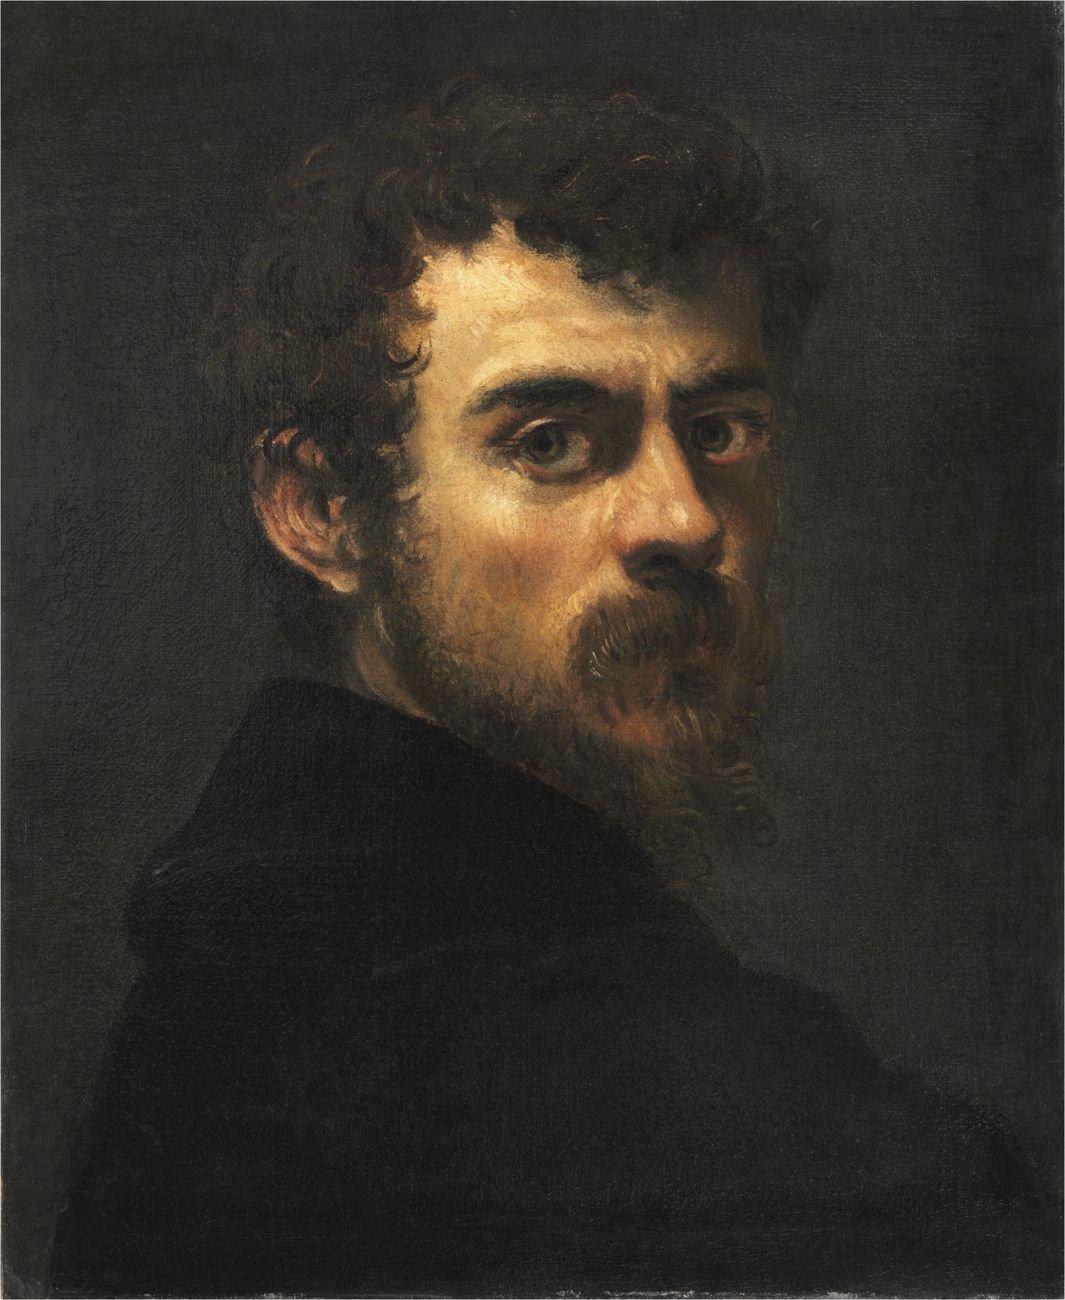 Jacopo Tintoretto, Autoritratto, 1588 ca. Musée du Louvre, Département des Peintures, Parigi